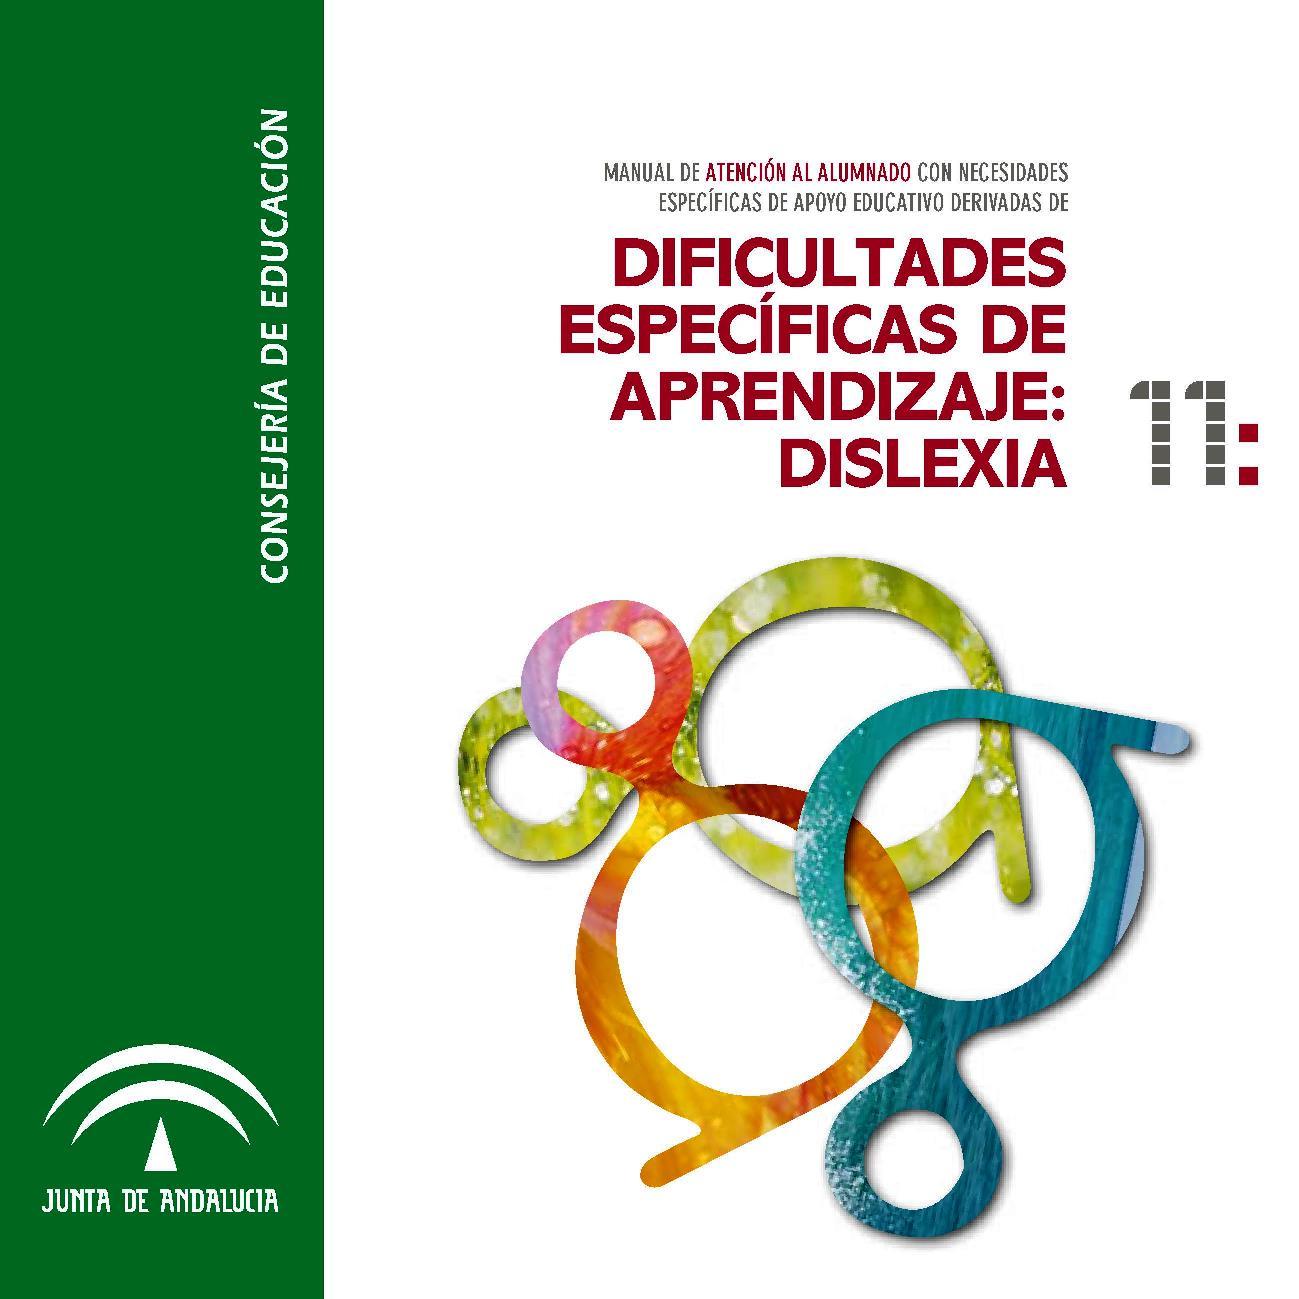 Dificultades específicas de aprendizaje: Dislexia – Manual de atención al Alumnado